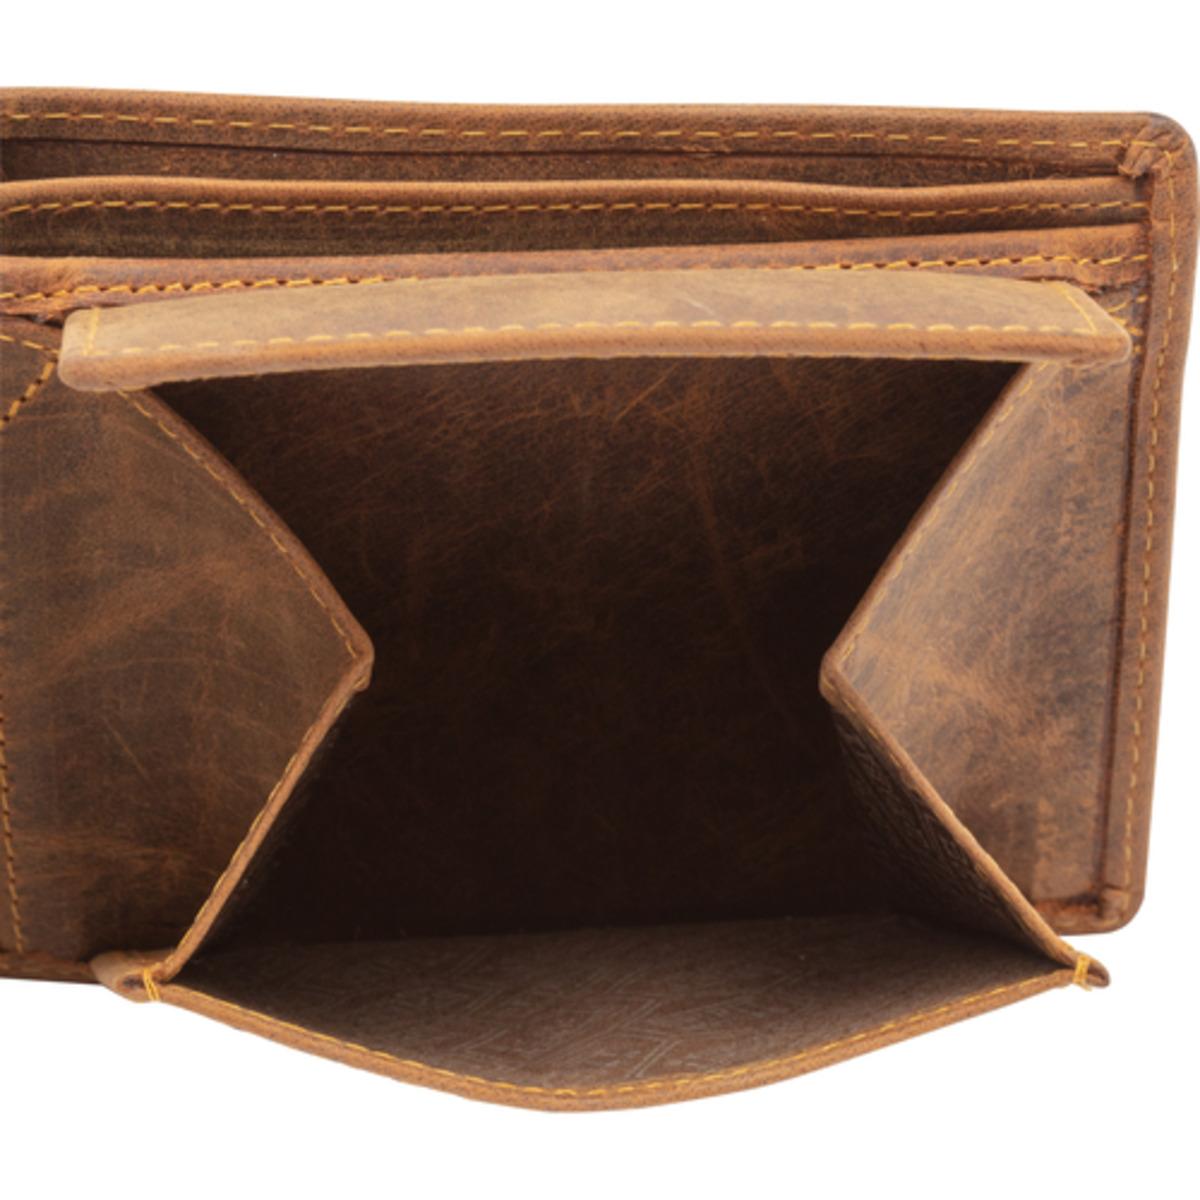 Bild 4 von Spirit Motors Vintage Leder Geldbörse quer 18 Fächer braun